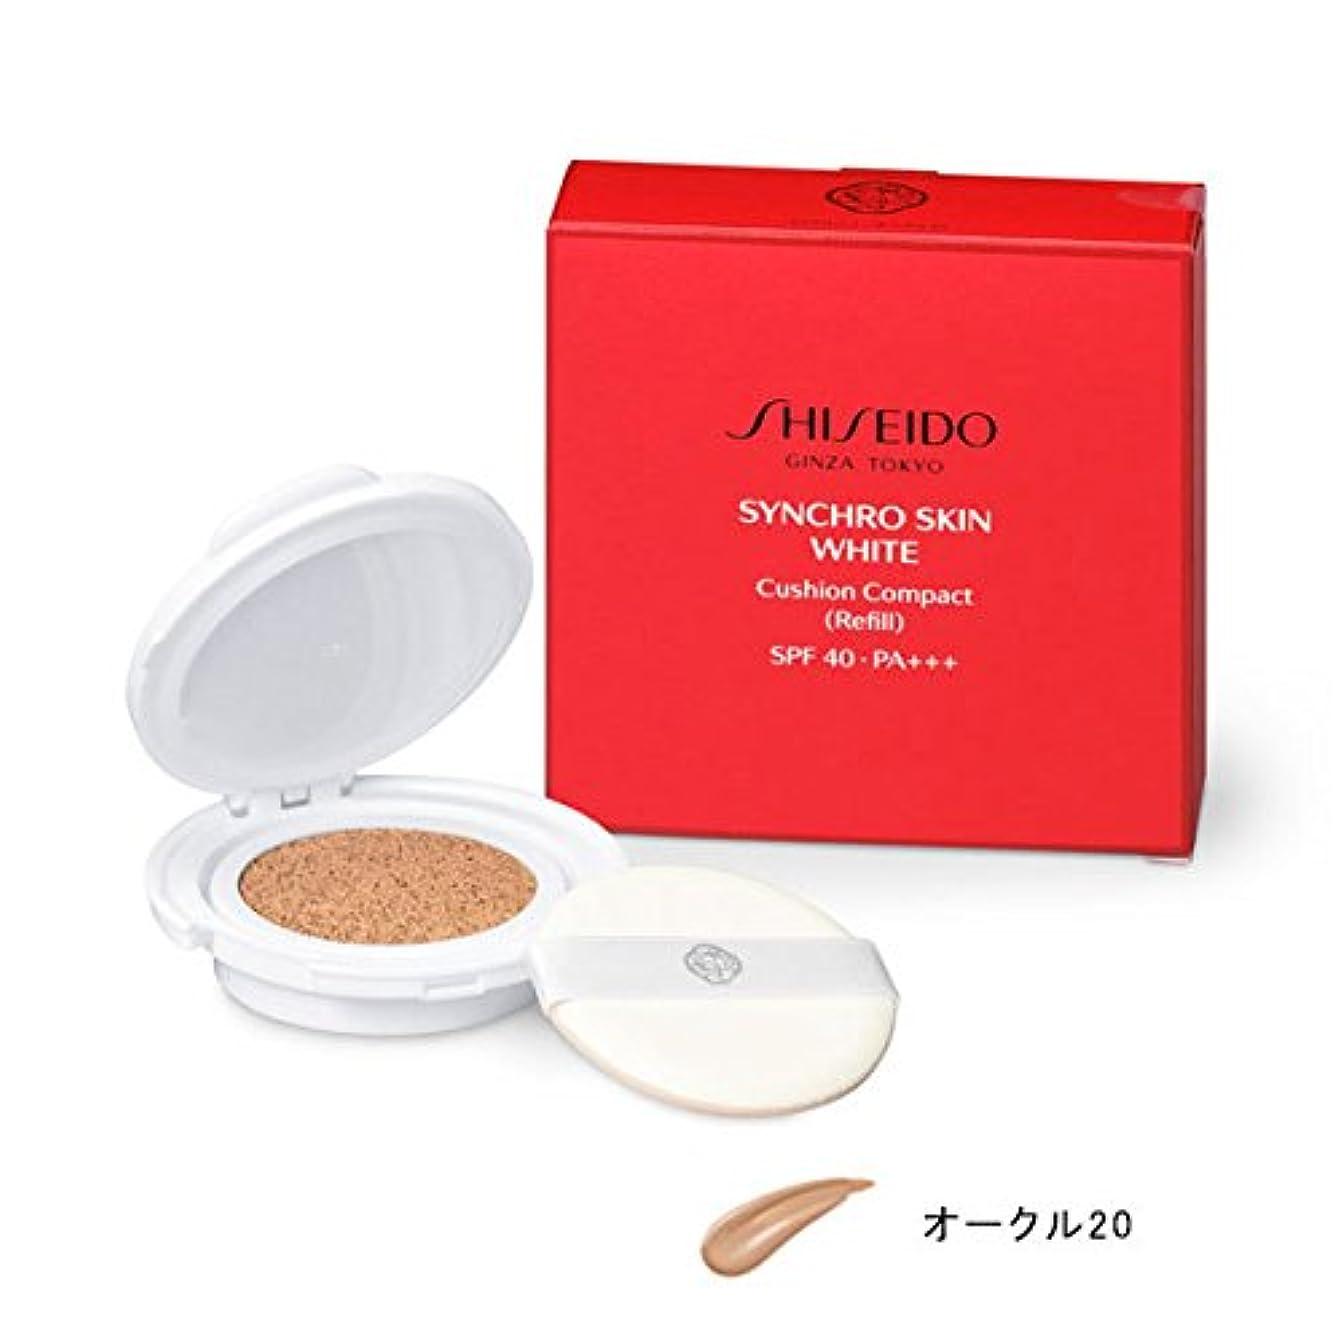 ピアニスト弱める豆腐SHISEIDO Makeup(資生堂 メーキャップ) SHISEIDO(資生堂) シンクロスキン ホワイト クッションコンパクト WT レフィル(医薬部外品) (ピンクオークル20)